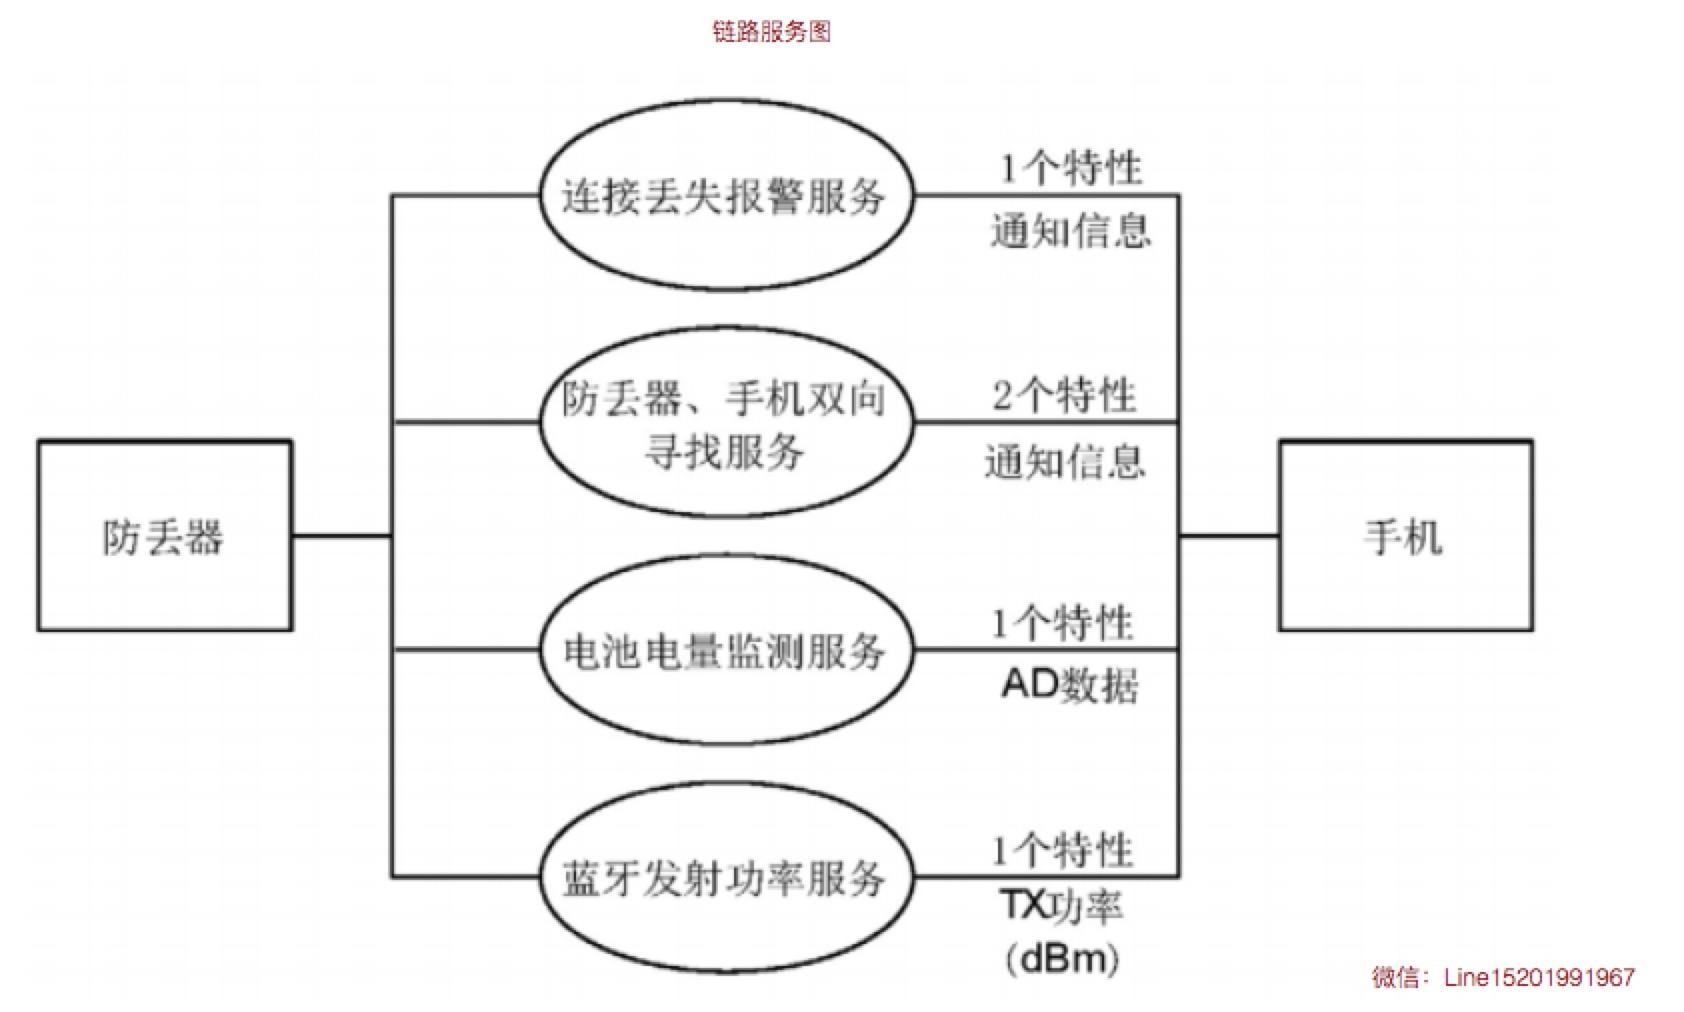 链路服务图